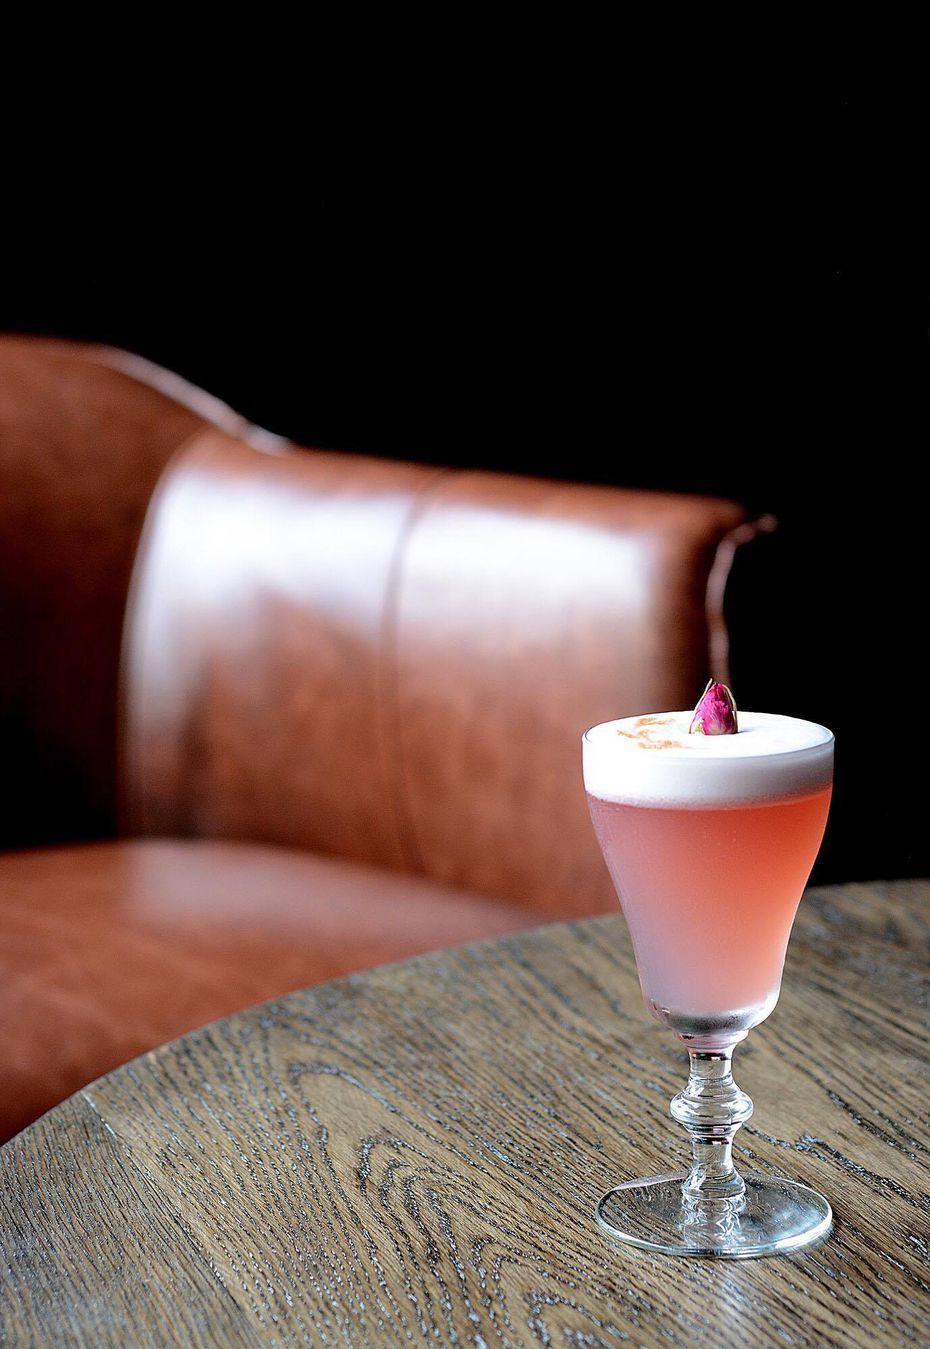 James Slater's Mystic Shrine is a coterie of pisco, blackberry liqueur, lemon, vanilla and egg white.